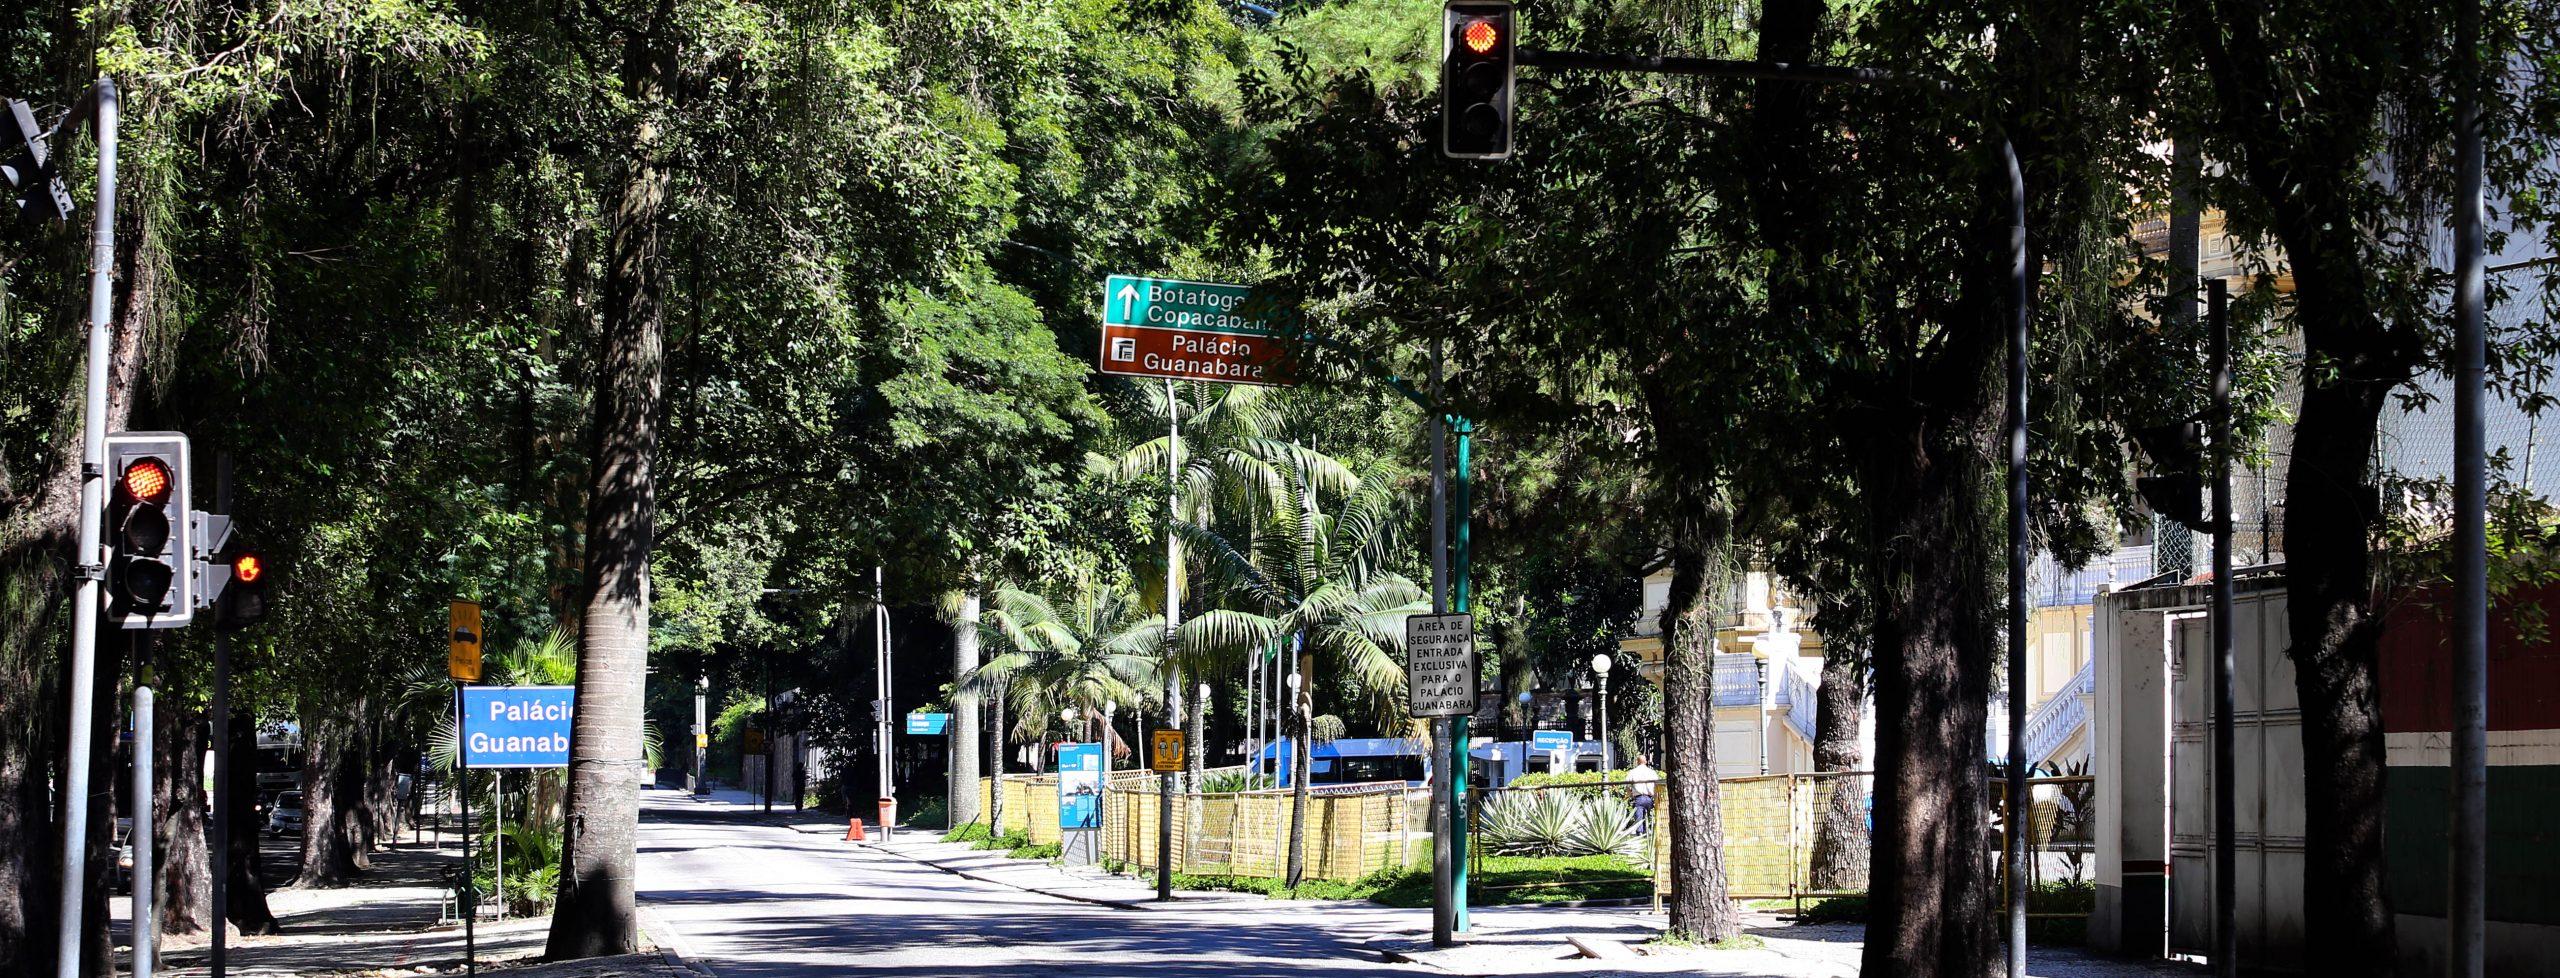 Governador do Rio de Janeiro sanciona lei para facilitar concessão de crédito e incentivos fiscais a empresas